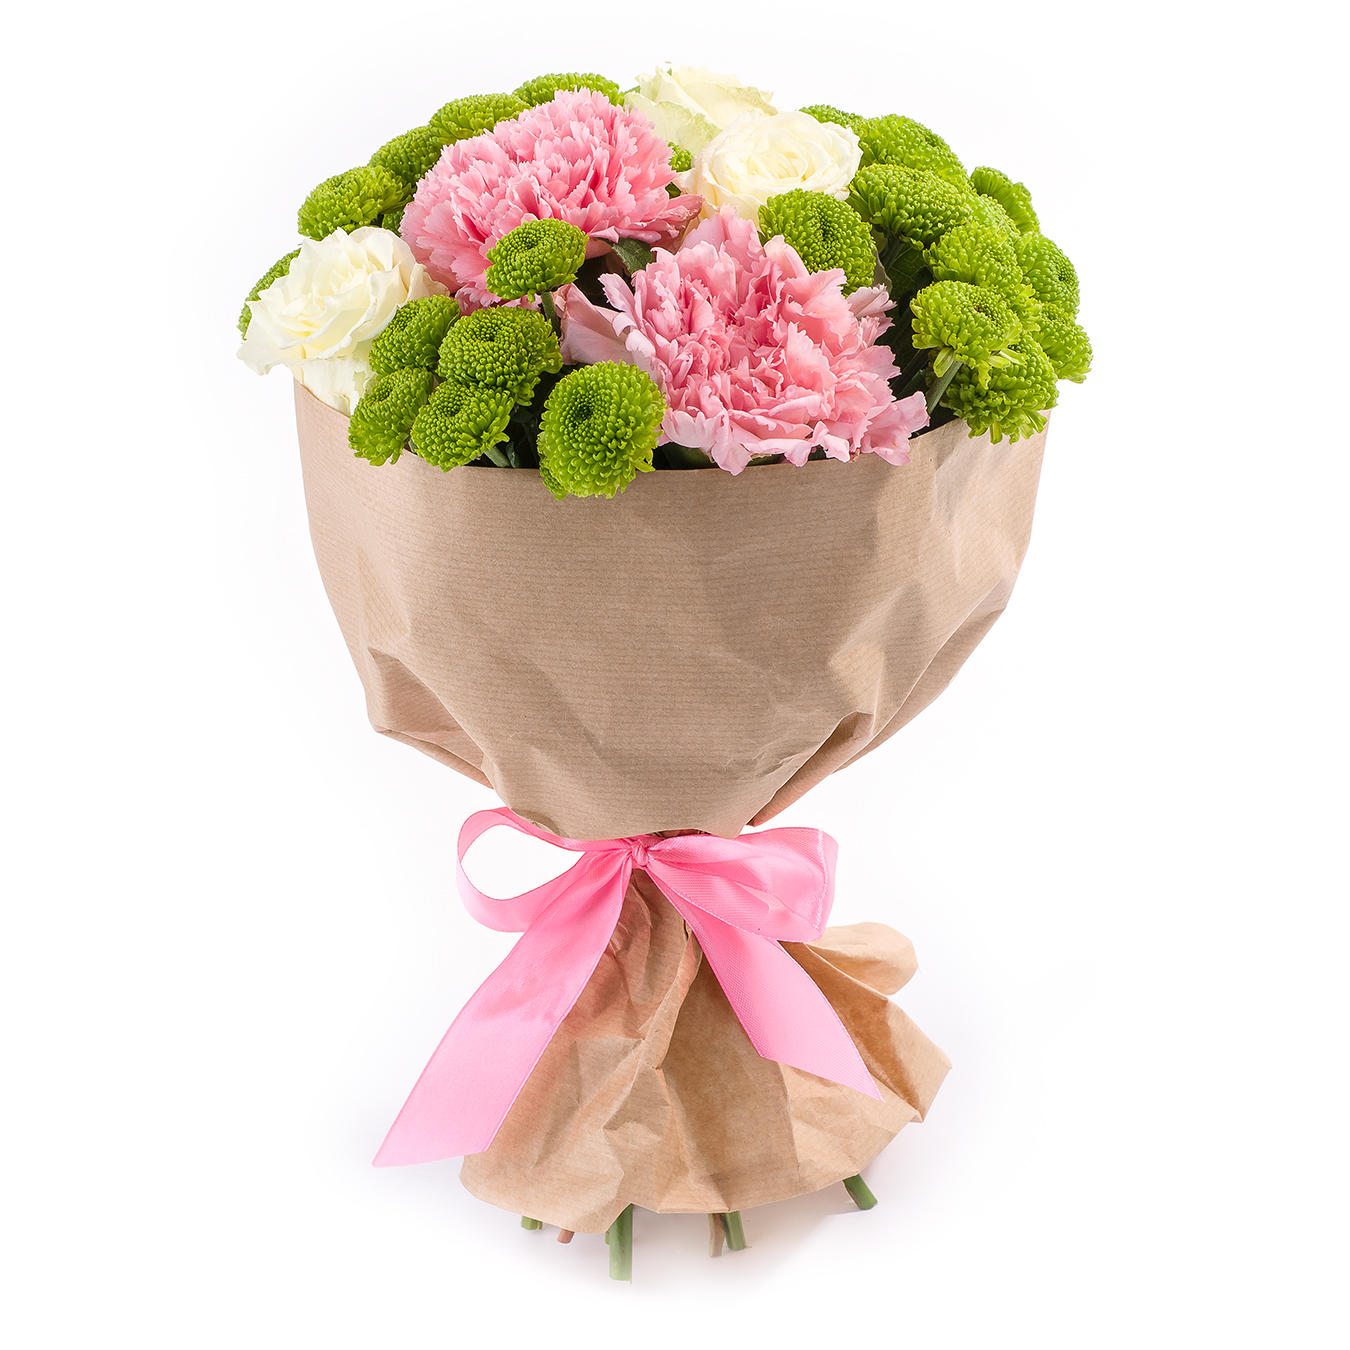 Яблоневый сад<br>Ингредиенты: Роза кения 3 шт, Гвоздика 2 шт, Хризантема сантини 3 шт, Салал, Крафт 1 шт;